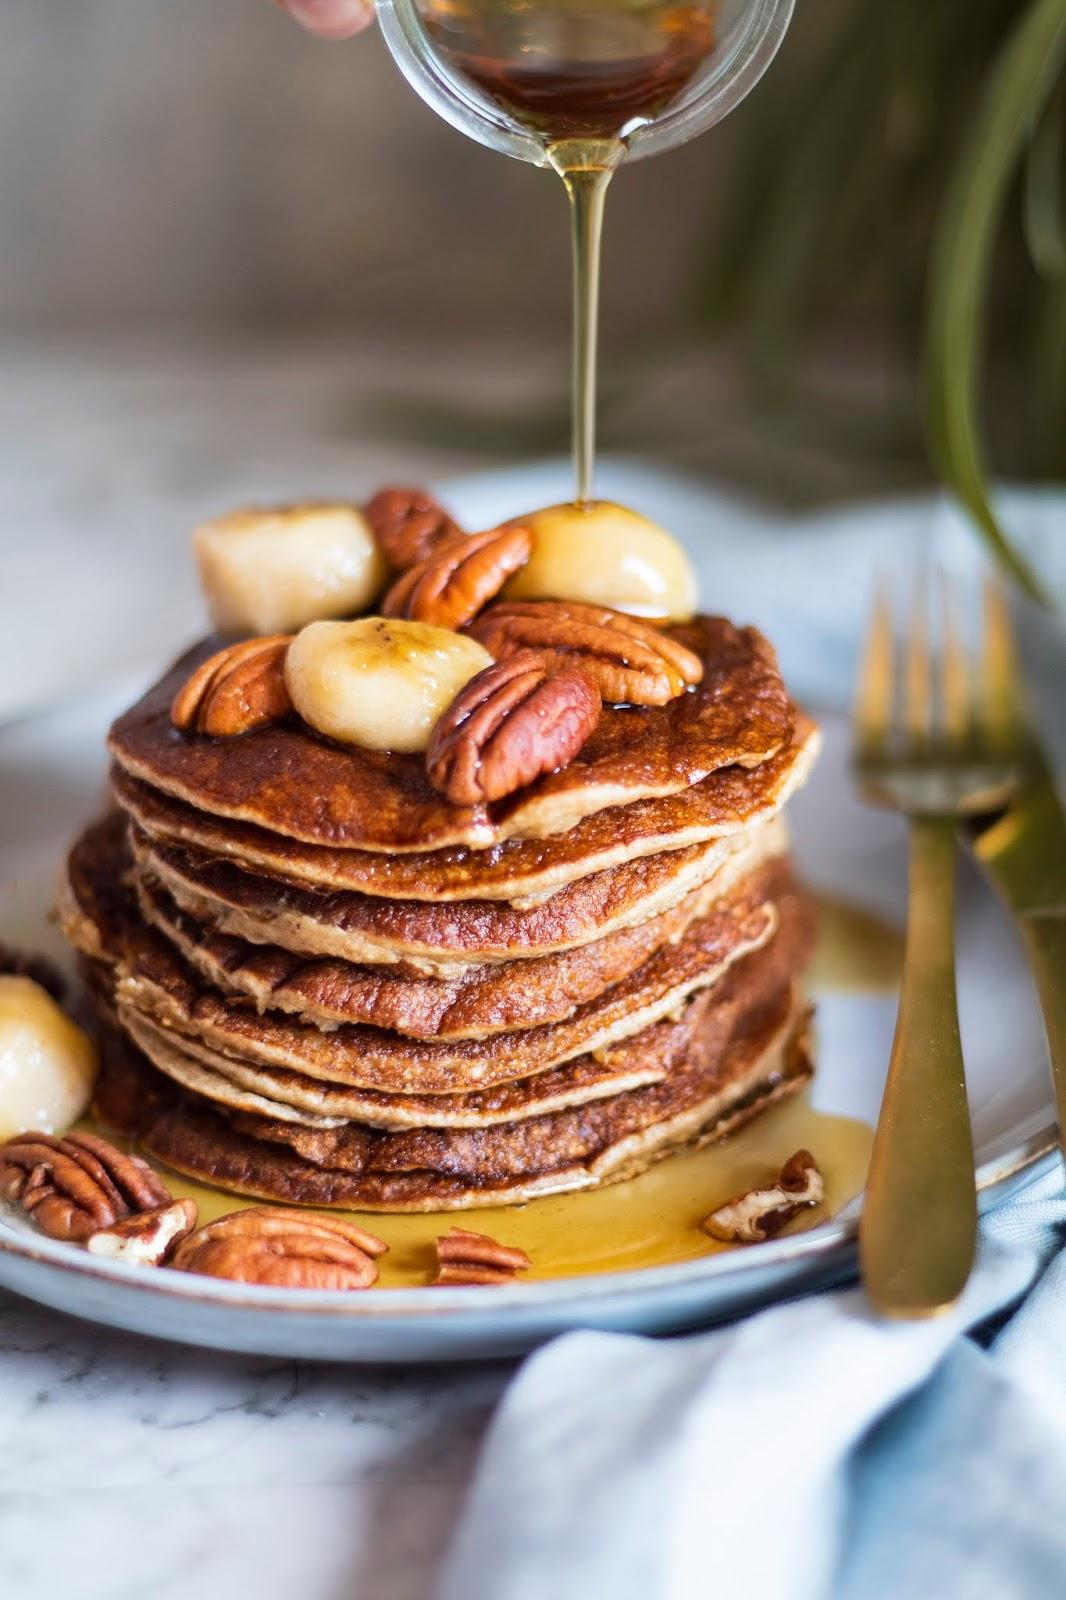 Pancakes aux flocons d'avoine et banane - recette sans gluten